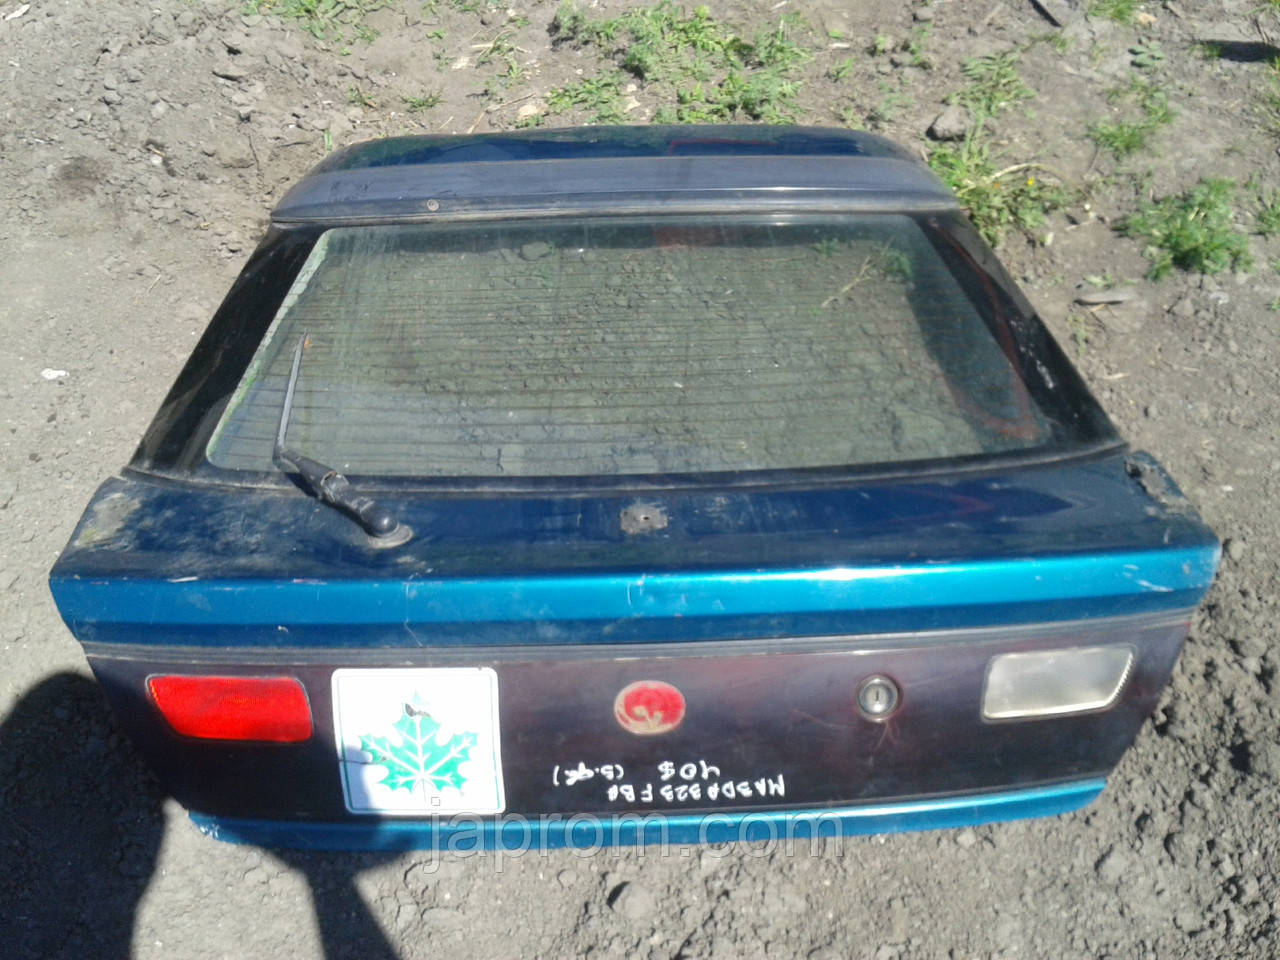 Крышка багажника со стеклом Mazda 323 F BA 1994-1997г.в. 5дв синяя